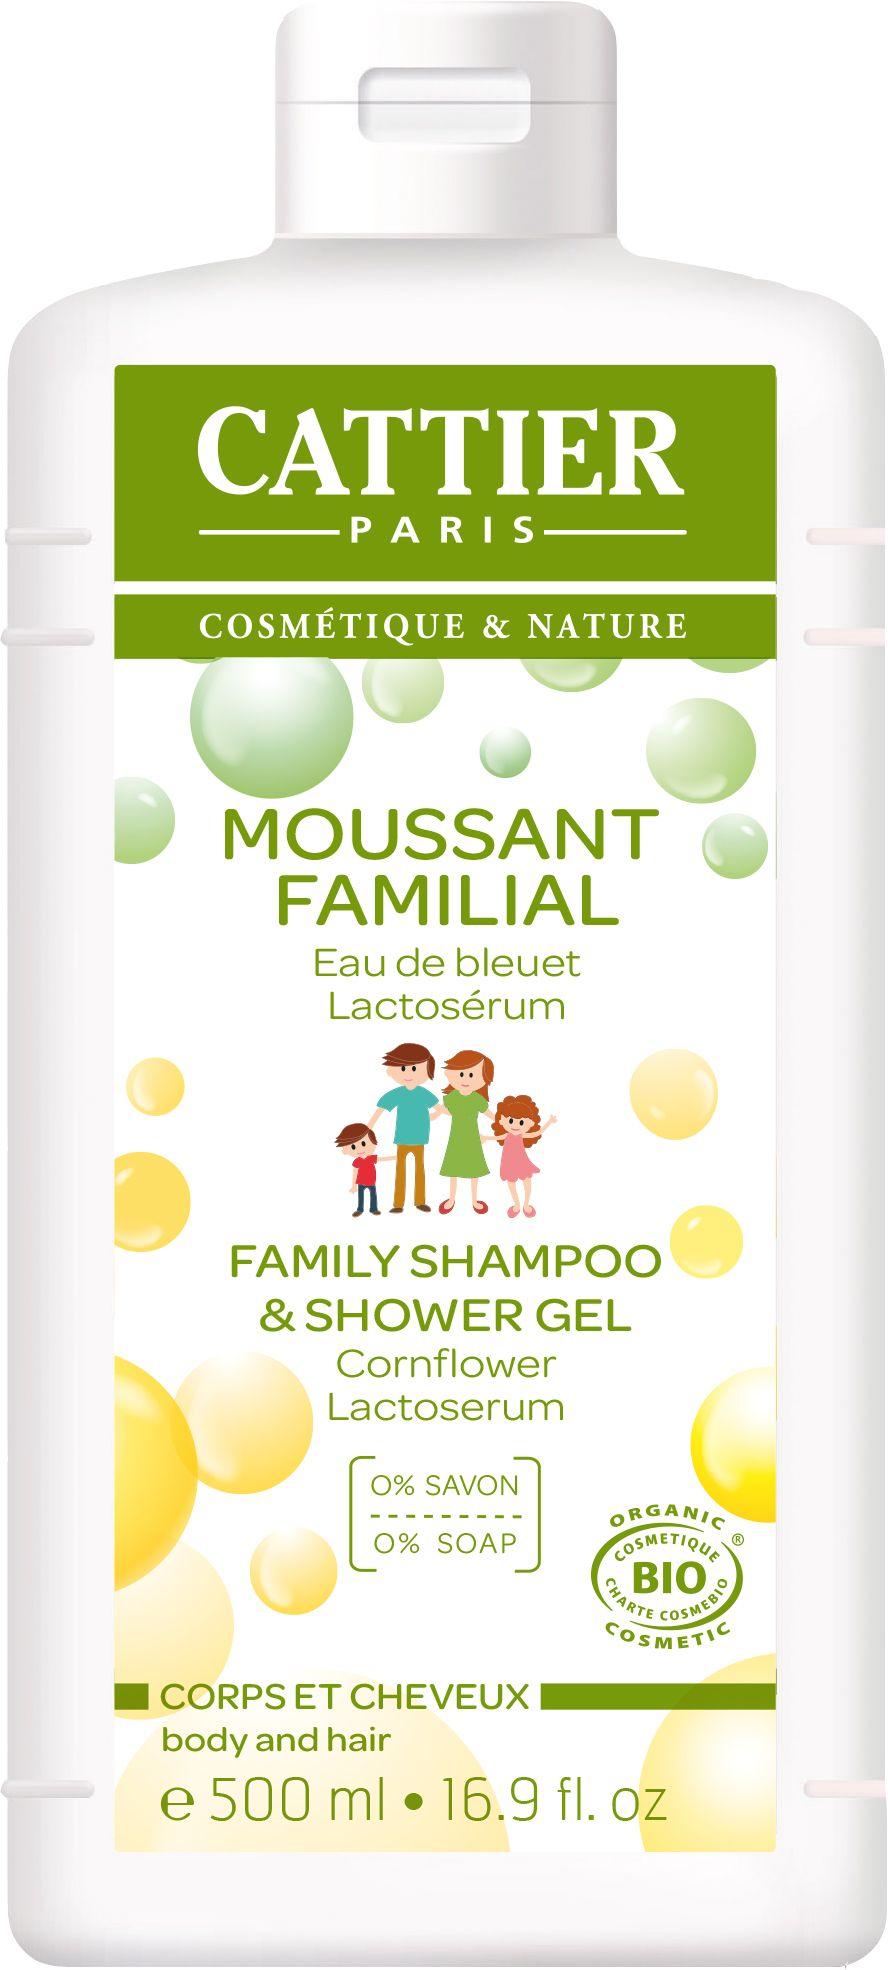 Moussant familial